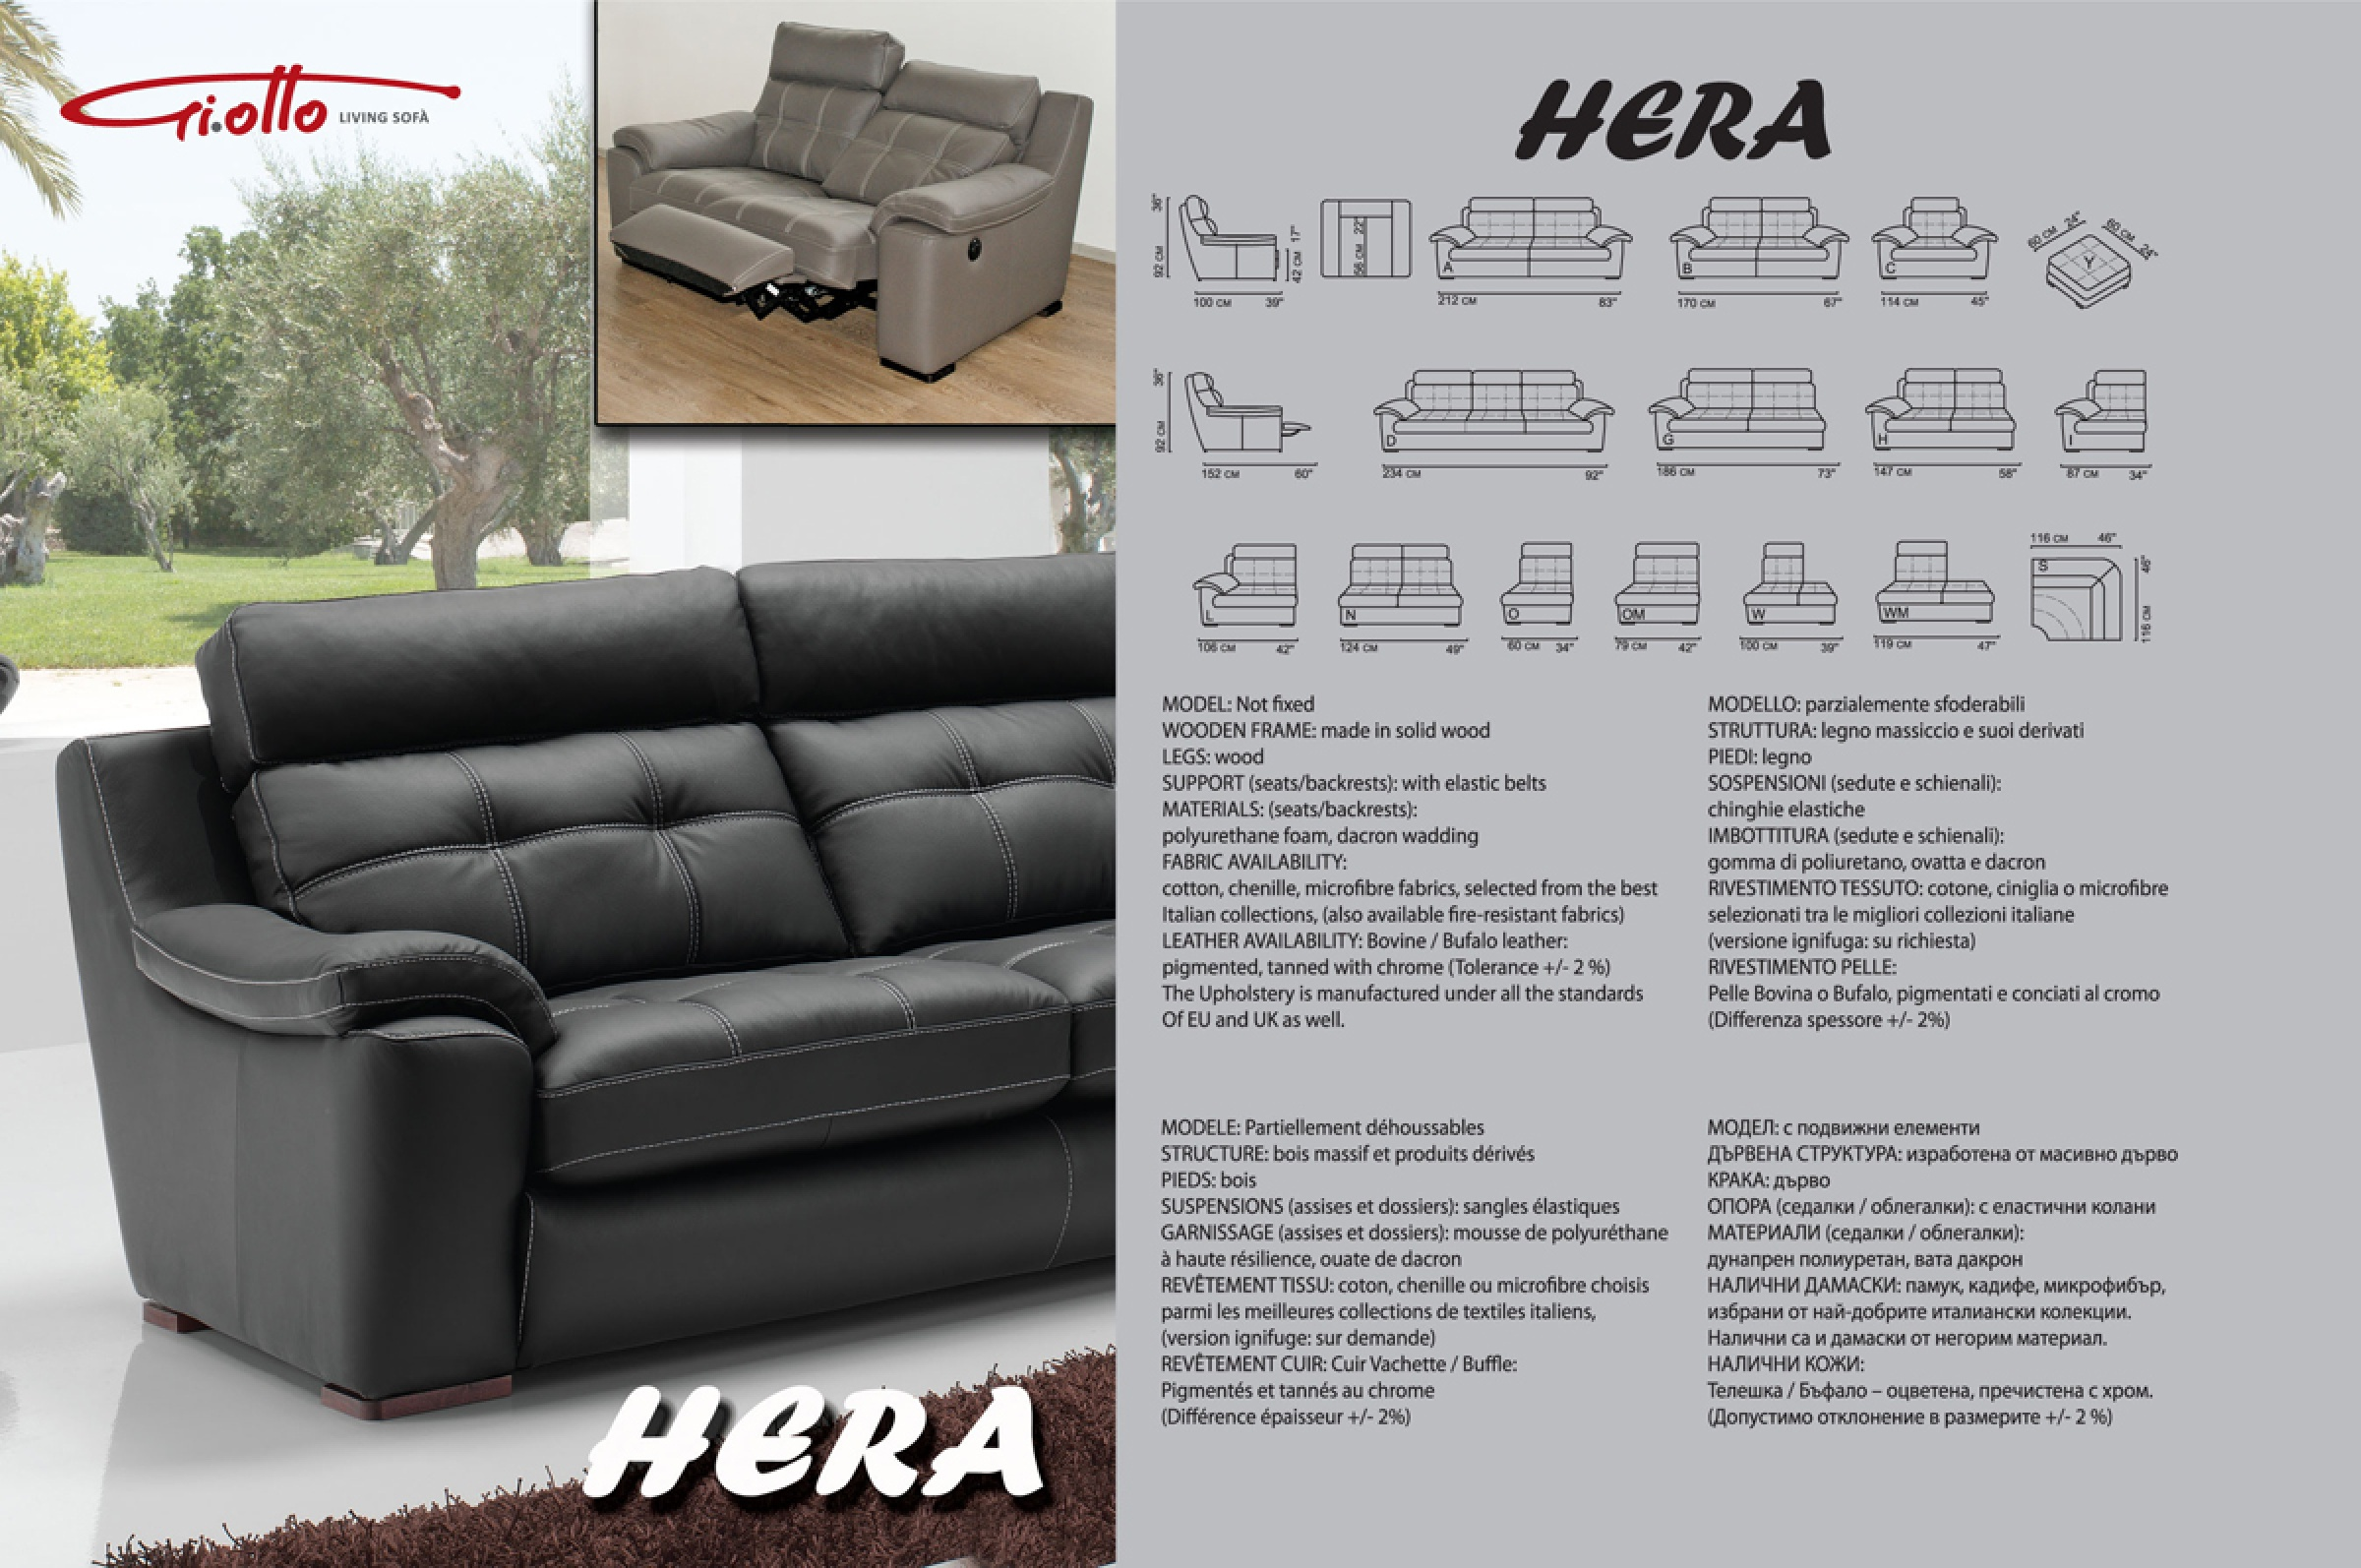 Hera 2